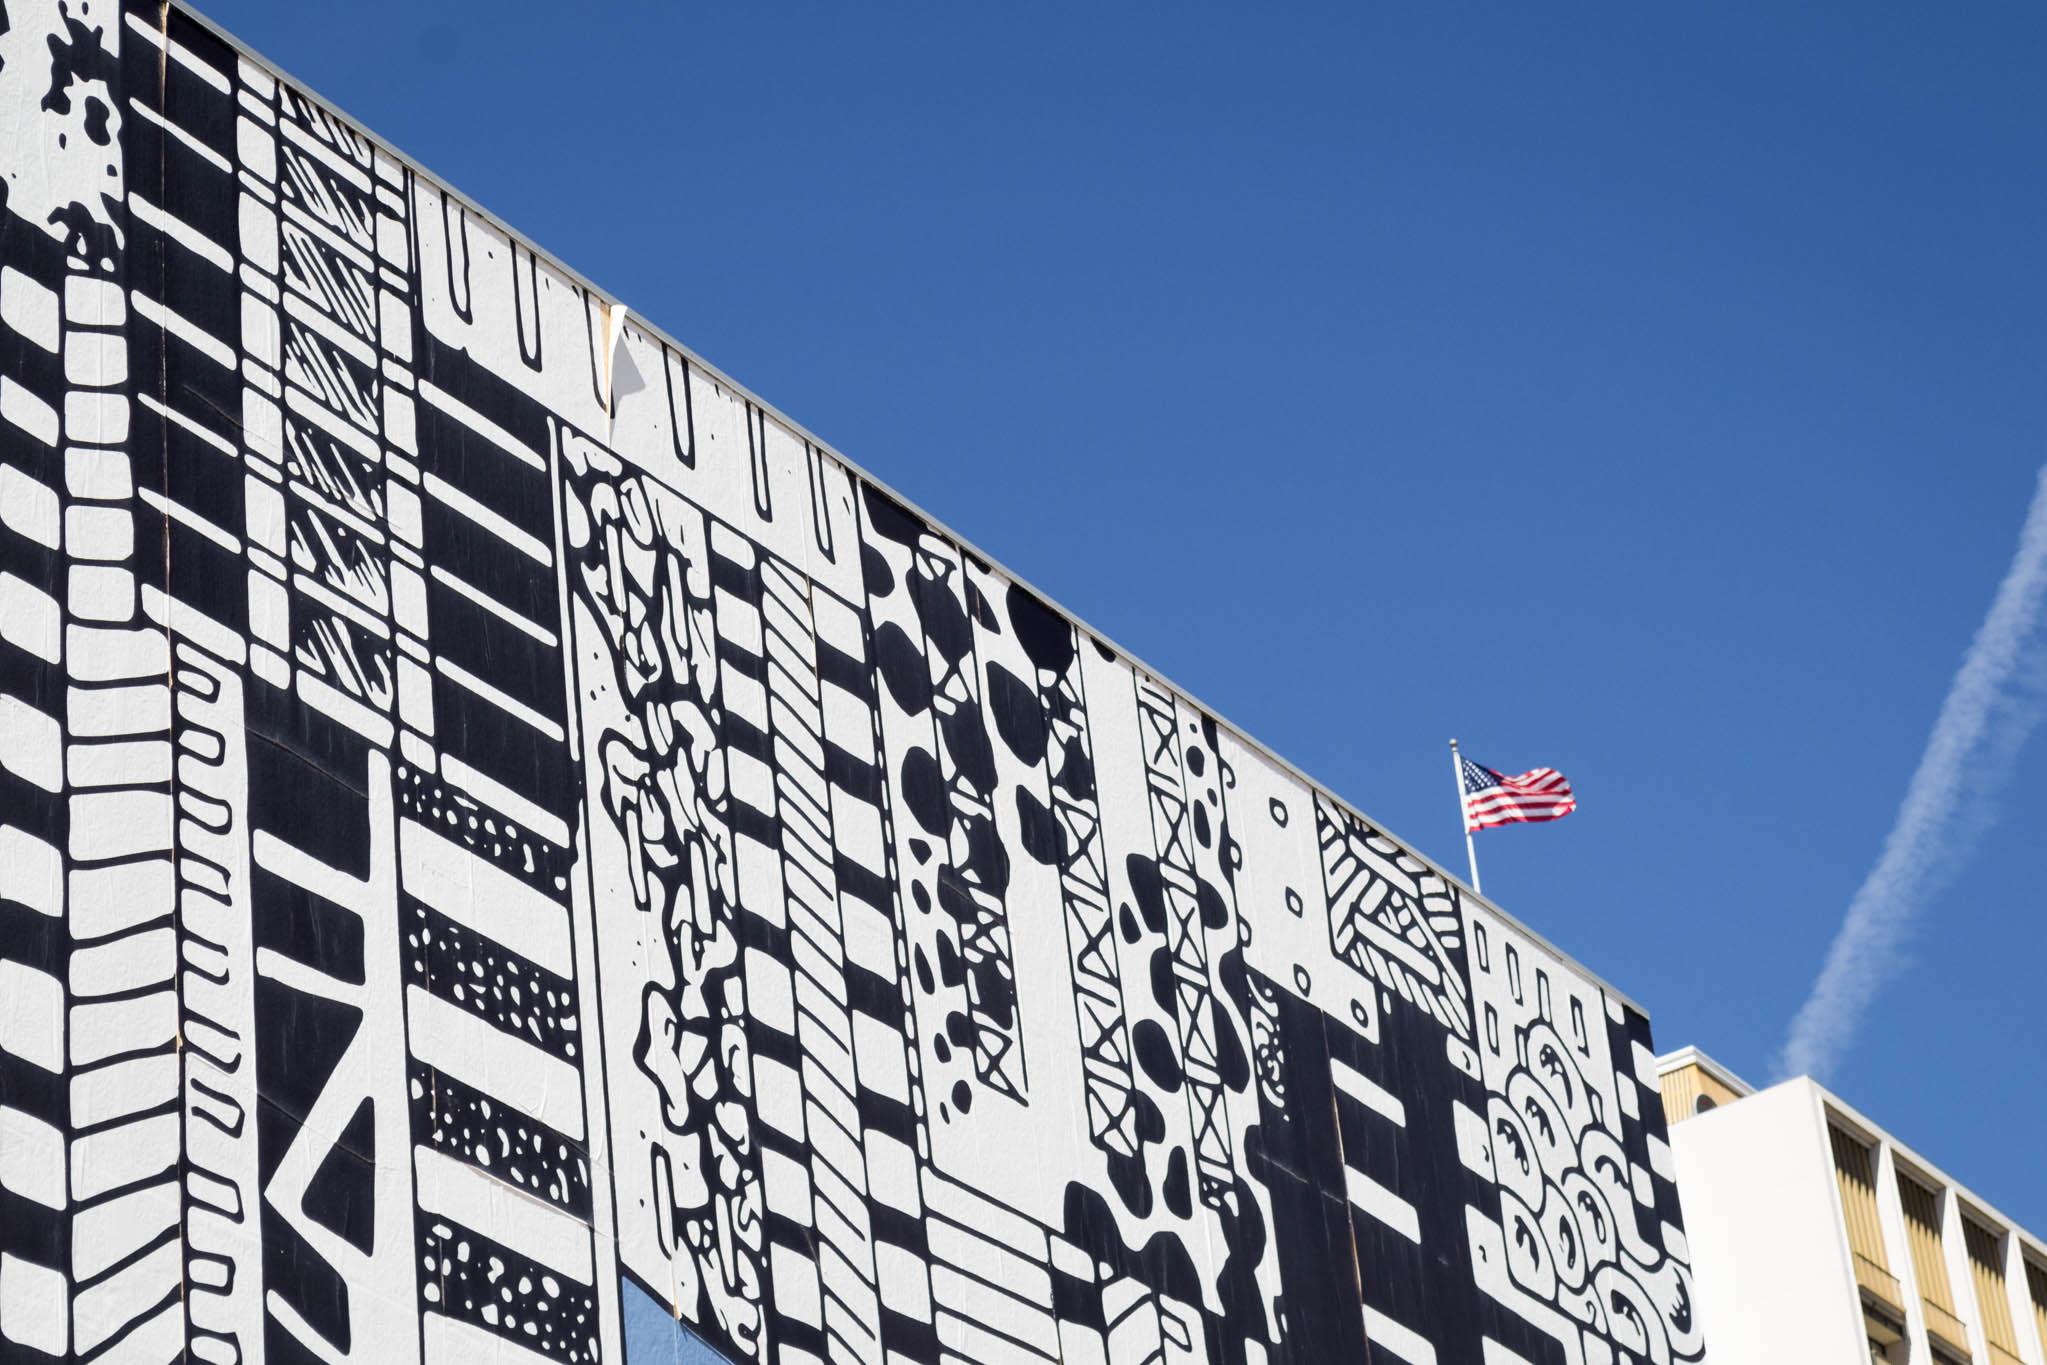 27e photo sur le thème Street Art